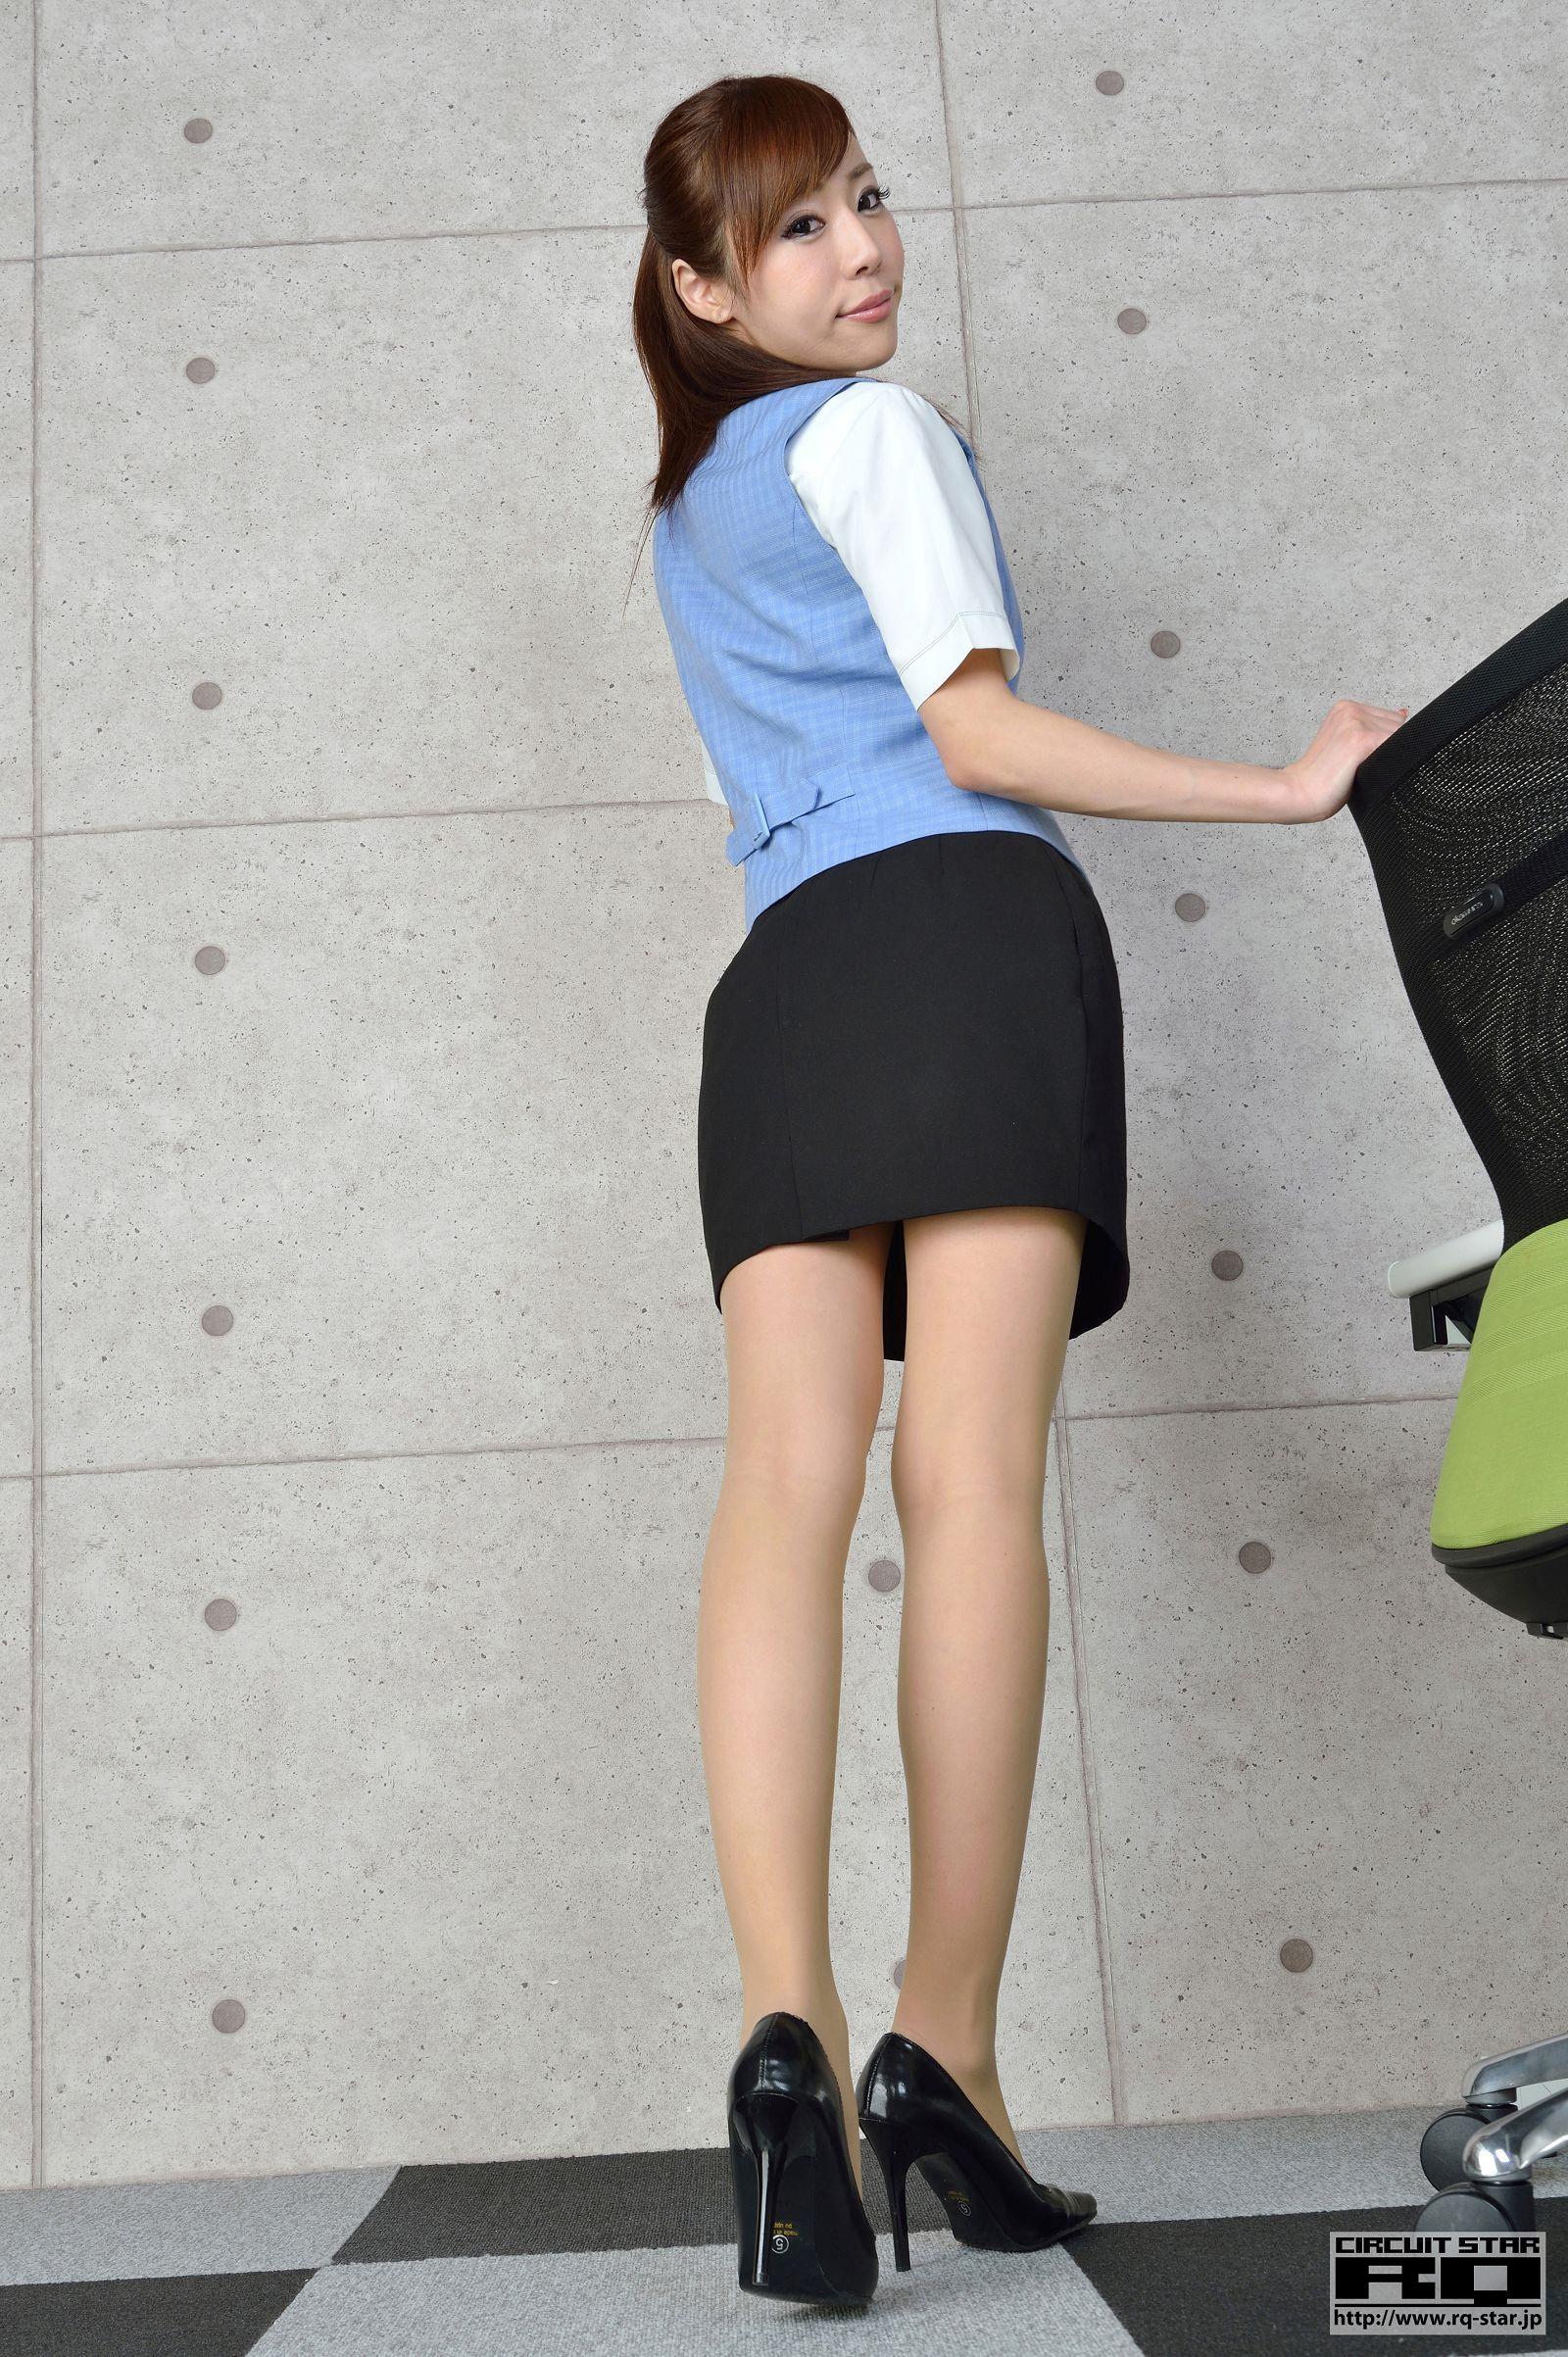 [RQ STAR美女] NO.00778 MOE Office Lady[60P] RQ STAR 第3张